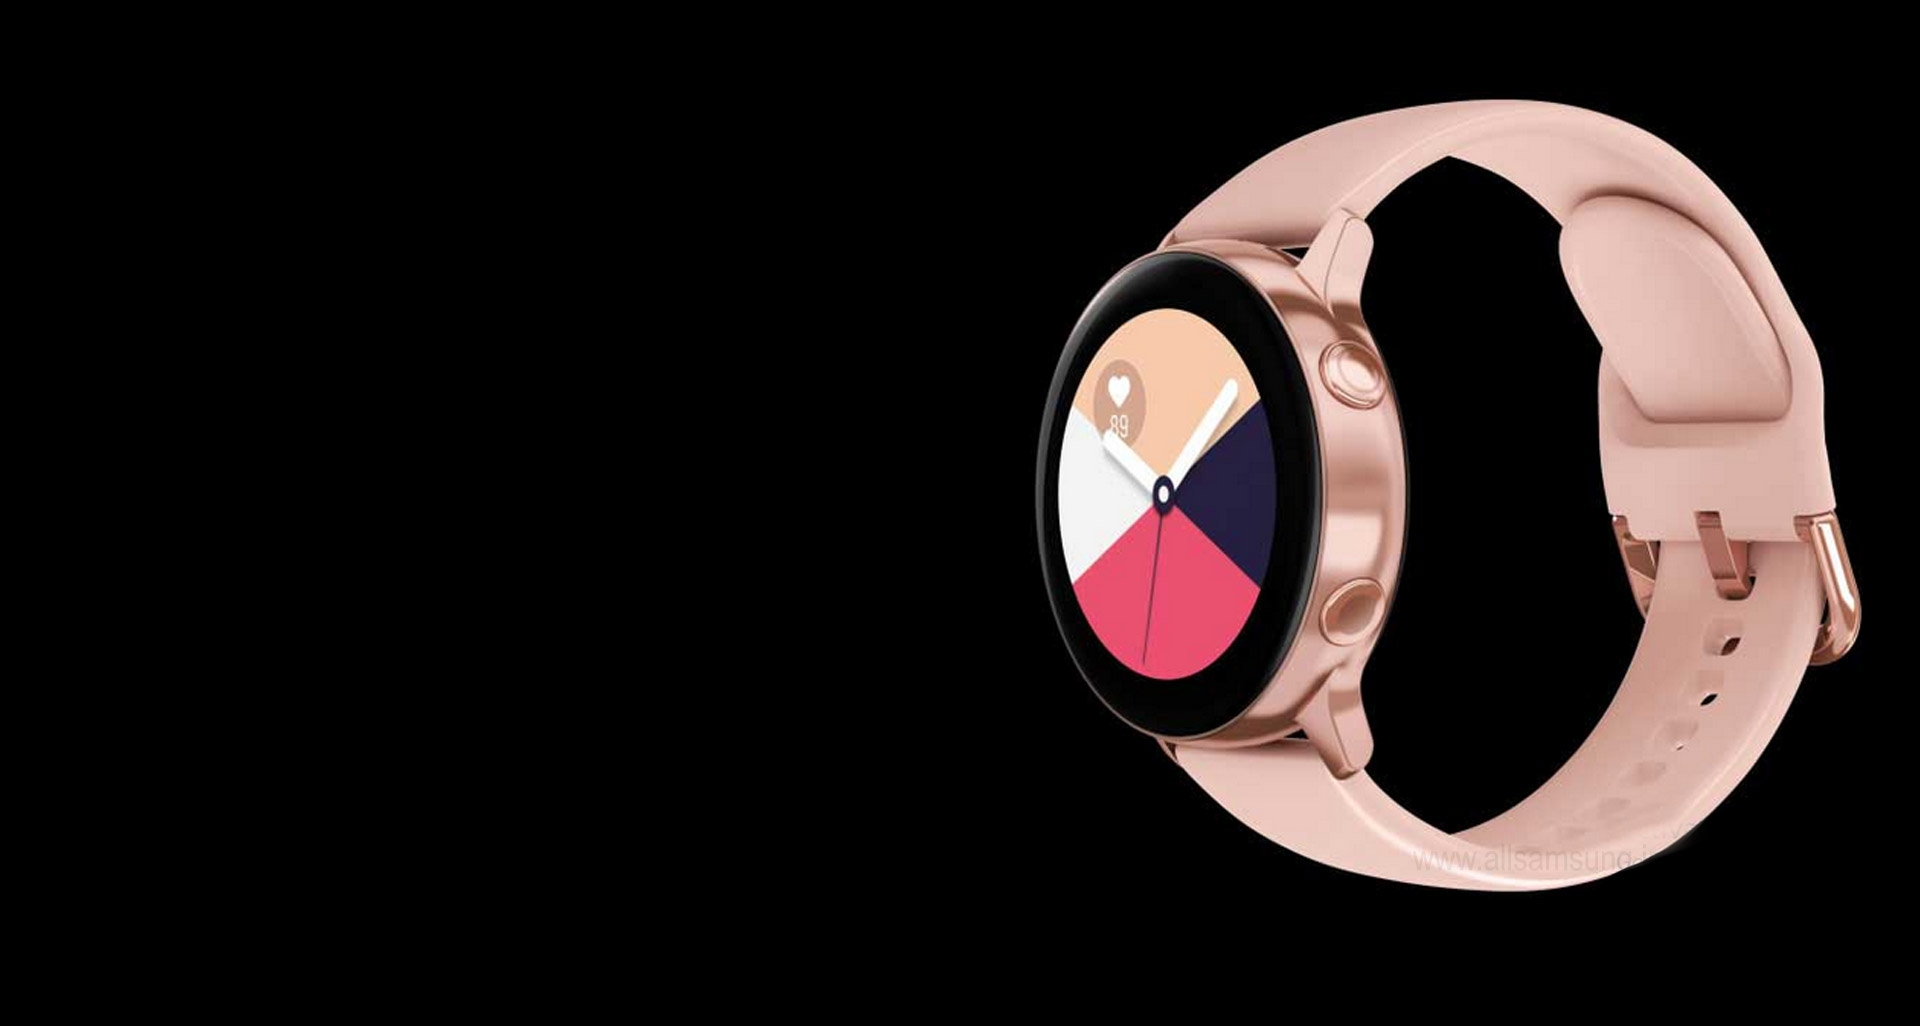 طراحی متفاوت galaxy watch active متناسب با استایل شما